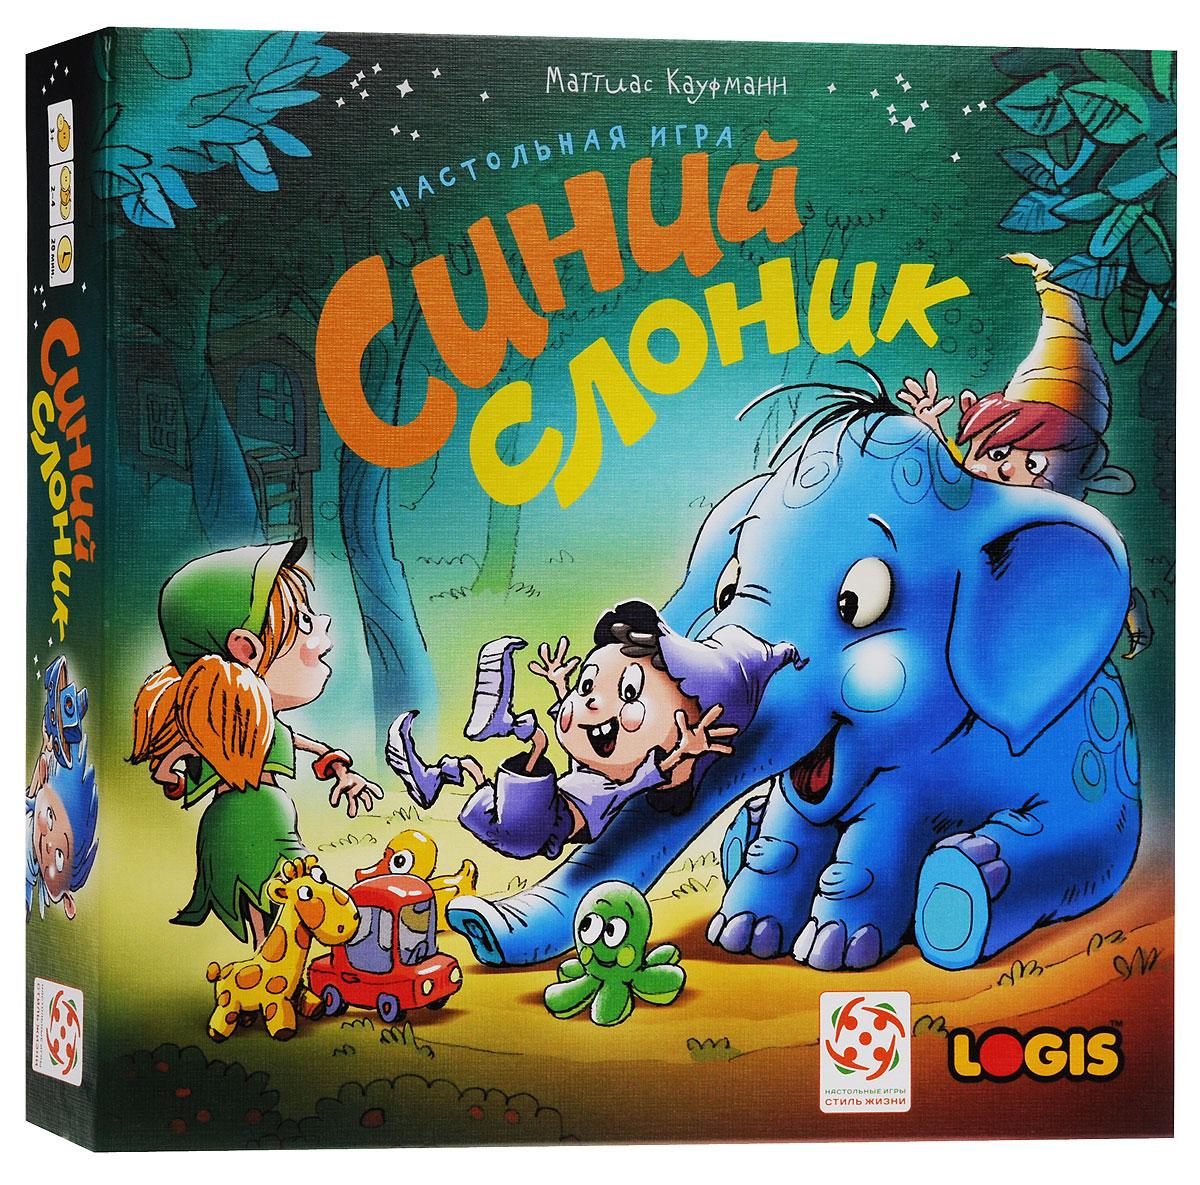 Logis Настольная игра Синий слоник4650000320989Настольная игра Logis Синий слоник - это классическая игра-ходилка, но в очень необычном оформлении. Вместо привычного поля ваши фигурки будут залезать на горку в виде Синего слонёнка! А наградой за труды станут фигурки игрушек, которые можно собрать у подножия горки. Два варианта кубика: для совсем маленьких, которые только учатся считать, и для детей постарше, которые уже знают числа. Время игры: 20 минут. Состав игры: 1 горка-слон, 20 игрушек 4 цветов (по 5 игрушек каждого цвета), 4 фигурки разных цветов, 1 кубик с точками, 1 кубик с цифрами, правила игры на русском языке. Рекомендуем!